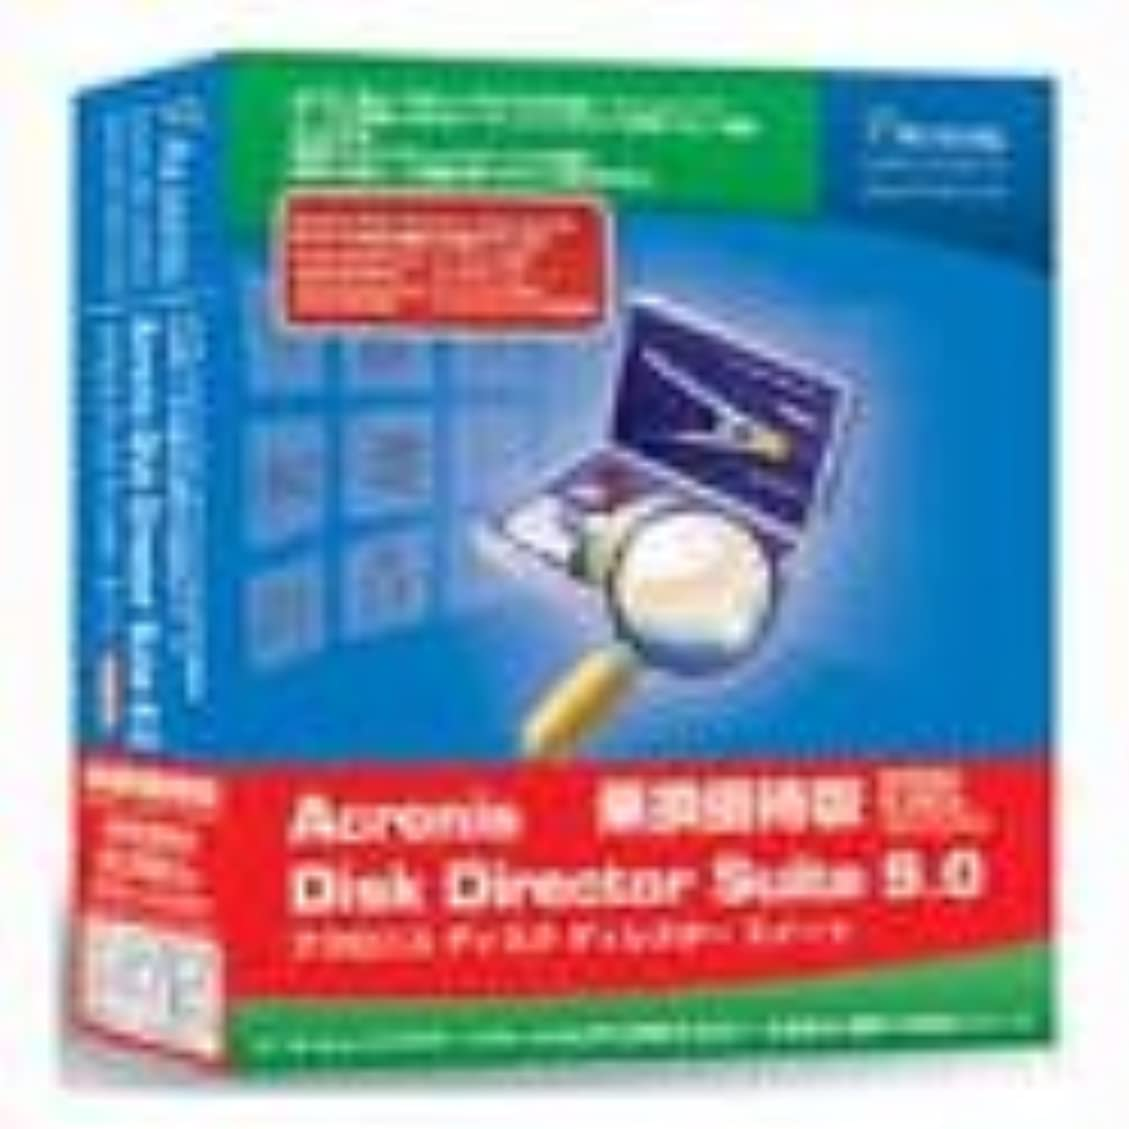 表示軽く伝染性Acronis Disk Director Suite 9.0 乗換優待版